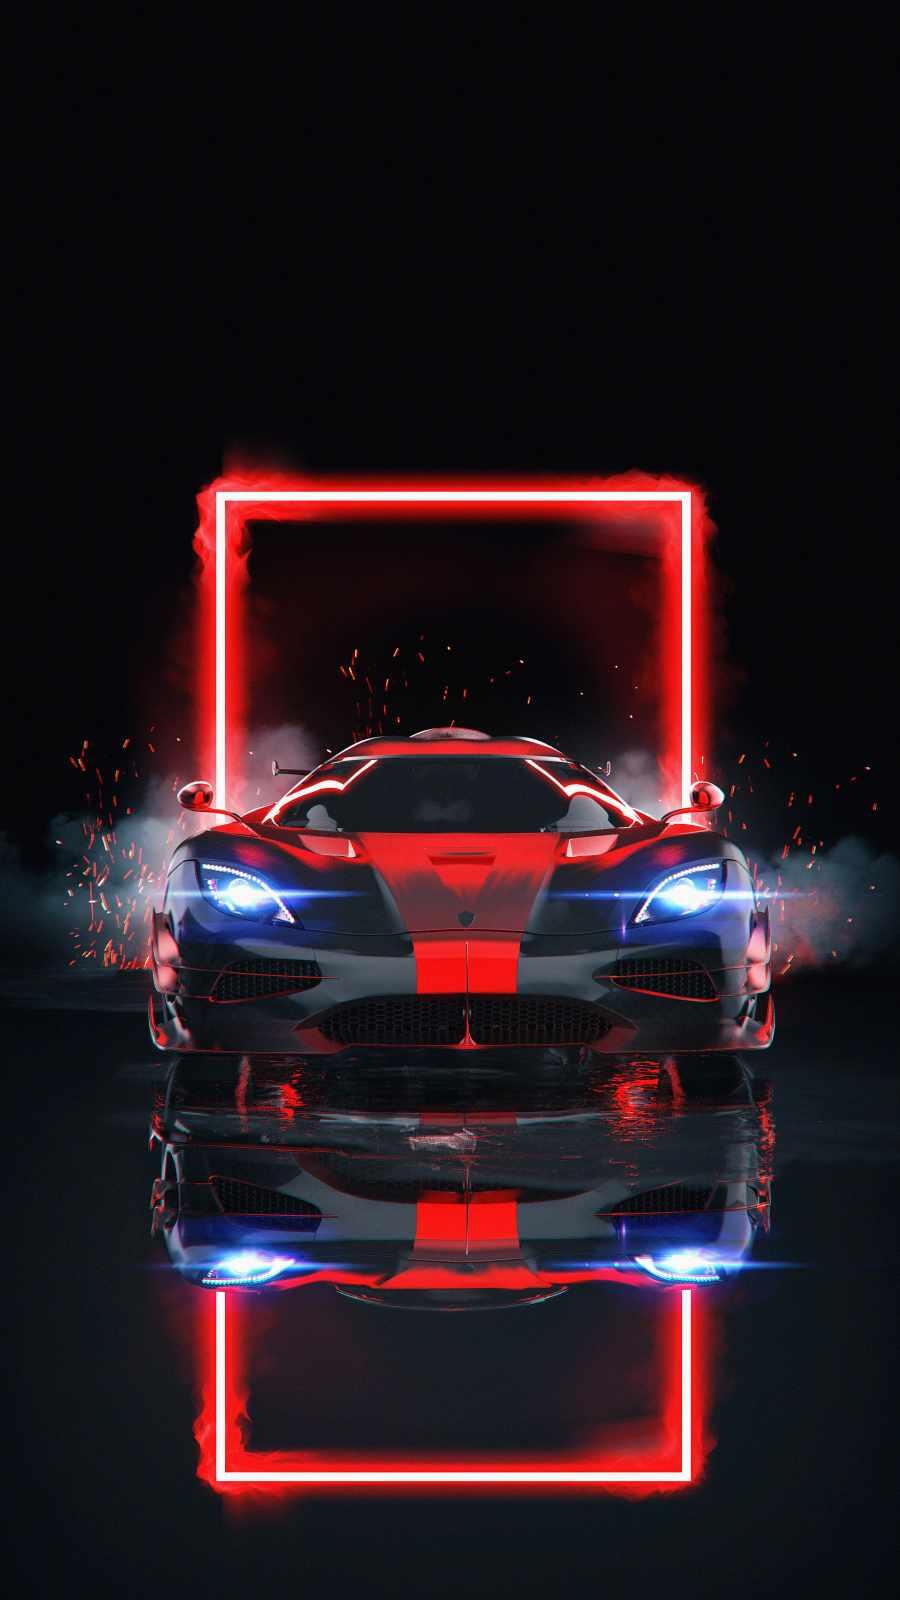 McLaren Neon iPhone Wallpaper